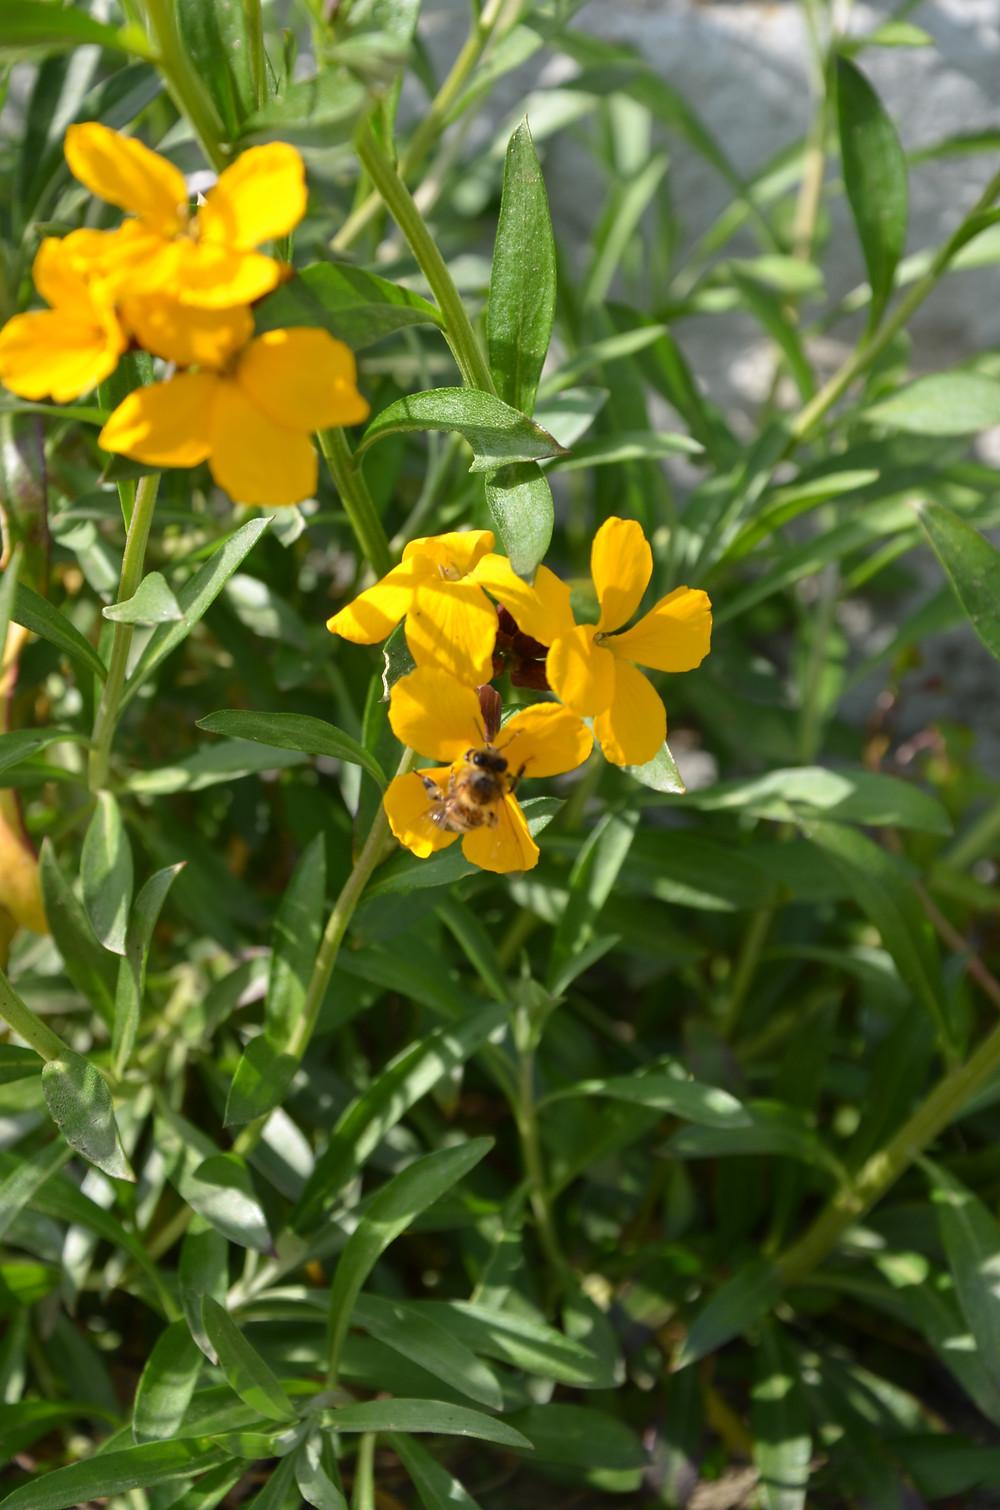 La giroflée embellit le pied de mon mur, et les abeilles viennent en profiter aussi!